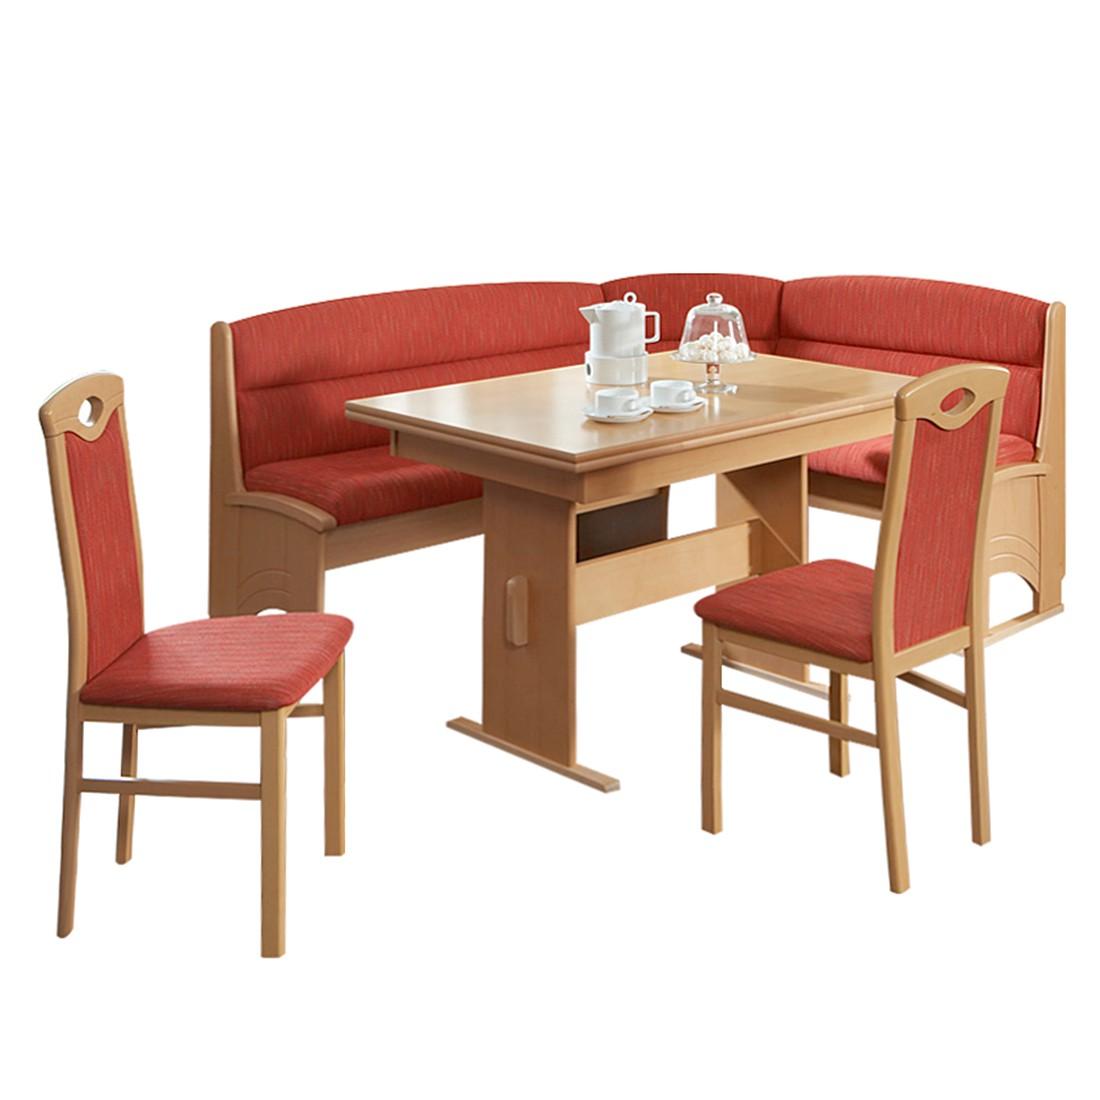 eckbankgruppe benno 4 teilig buche dekor strukturstoff. Black Bedroom Furniture Sets. Home Design Ideas